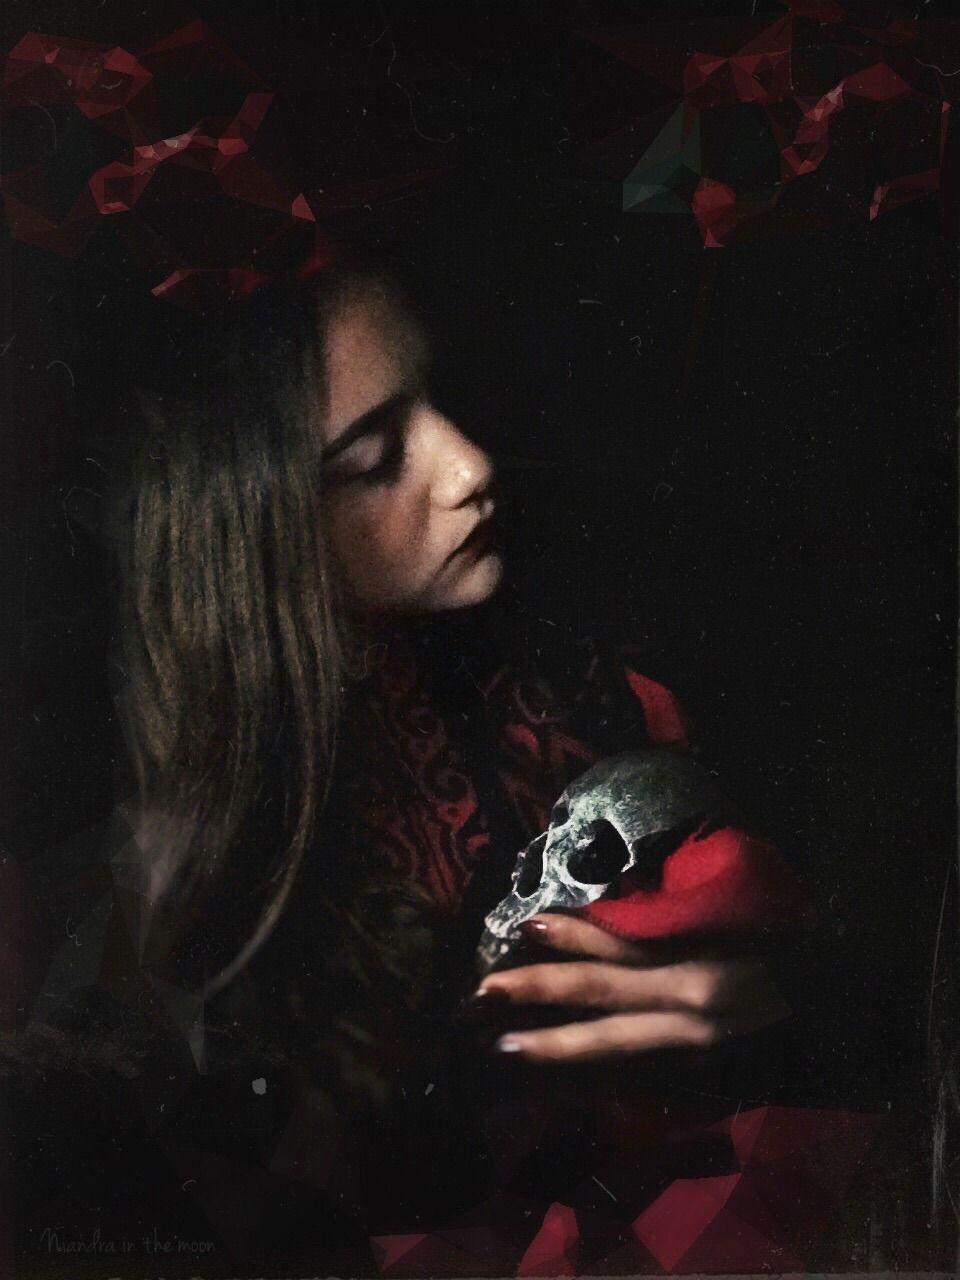 """""""LE RÊVE D LA MORT."""" - #arte #beauty #captura #chica #claroscuro #craneo #dark #dead #doll #ediciones #enchanted #espejo #foto #fotografia #fotografos #frágil #gothic #gotico #joven #mis #misterio #misterios #muerte #oscuros #photography #picture #sueño #tenebroso #vintage"""